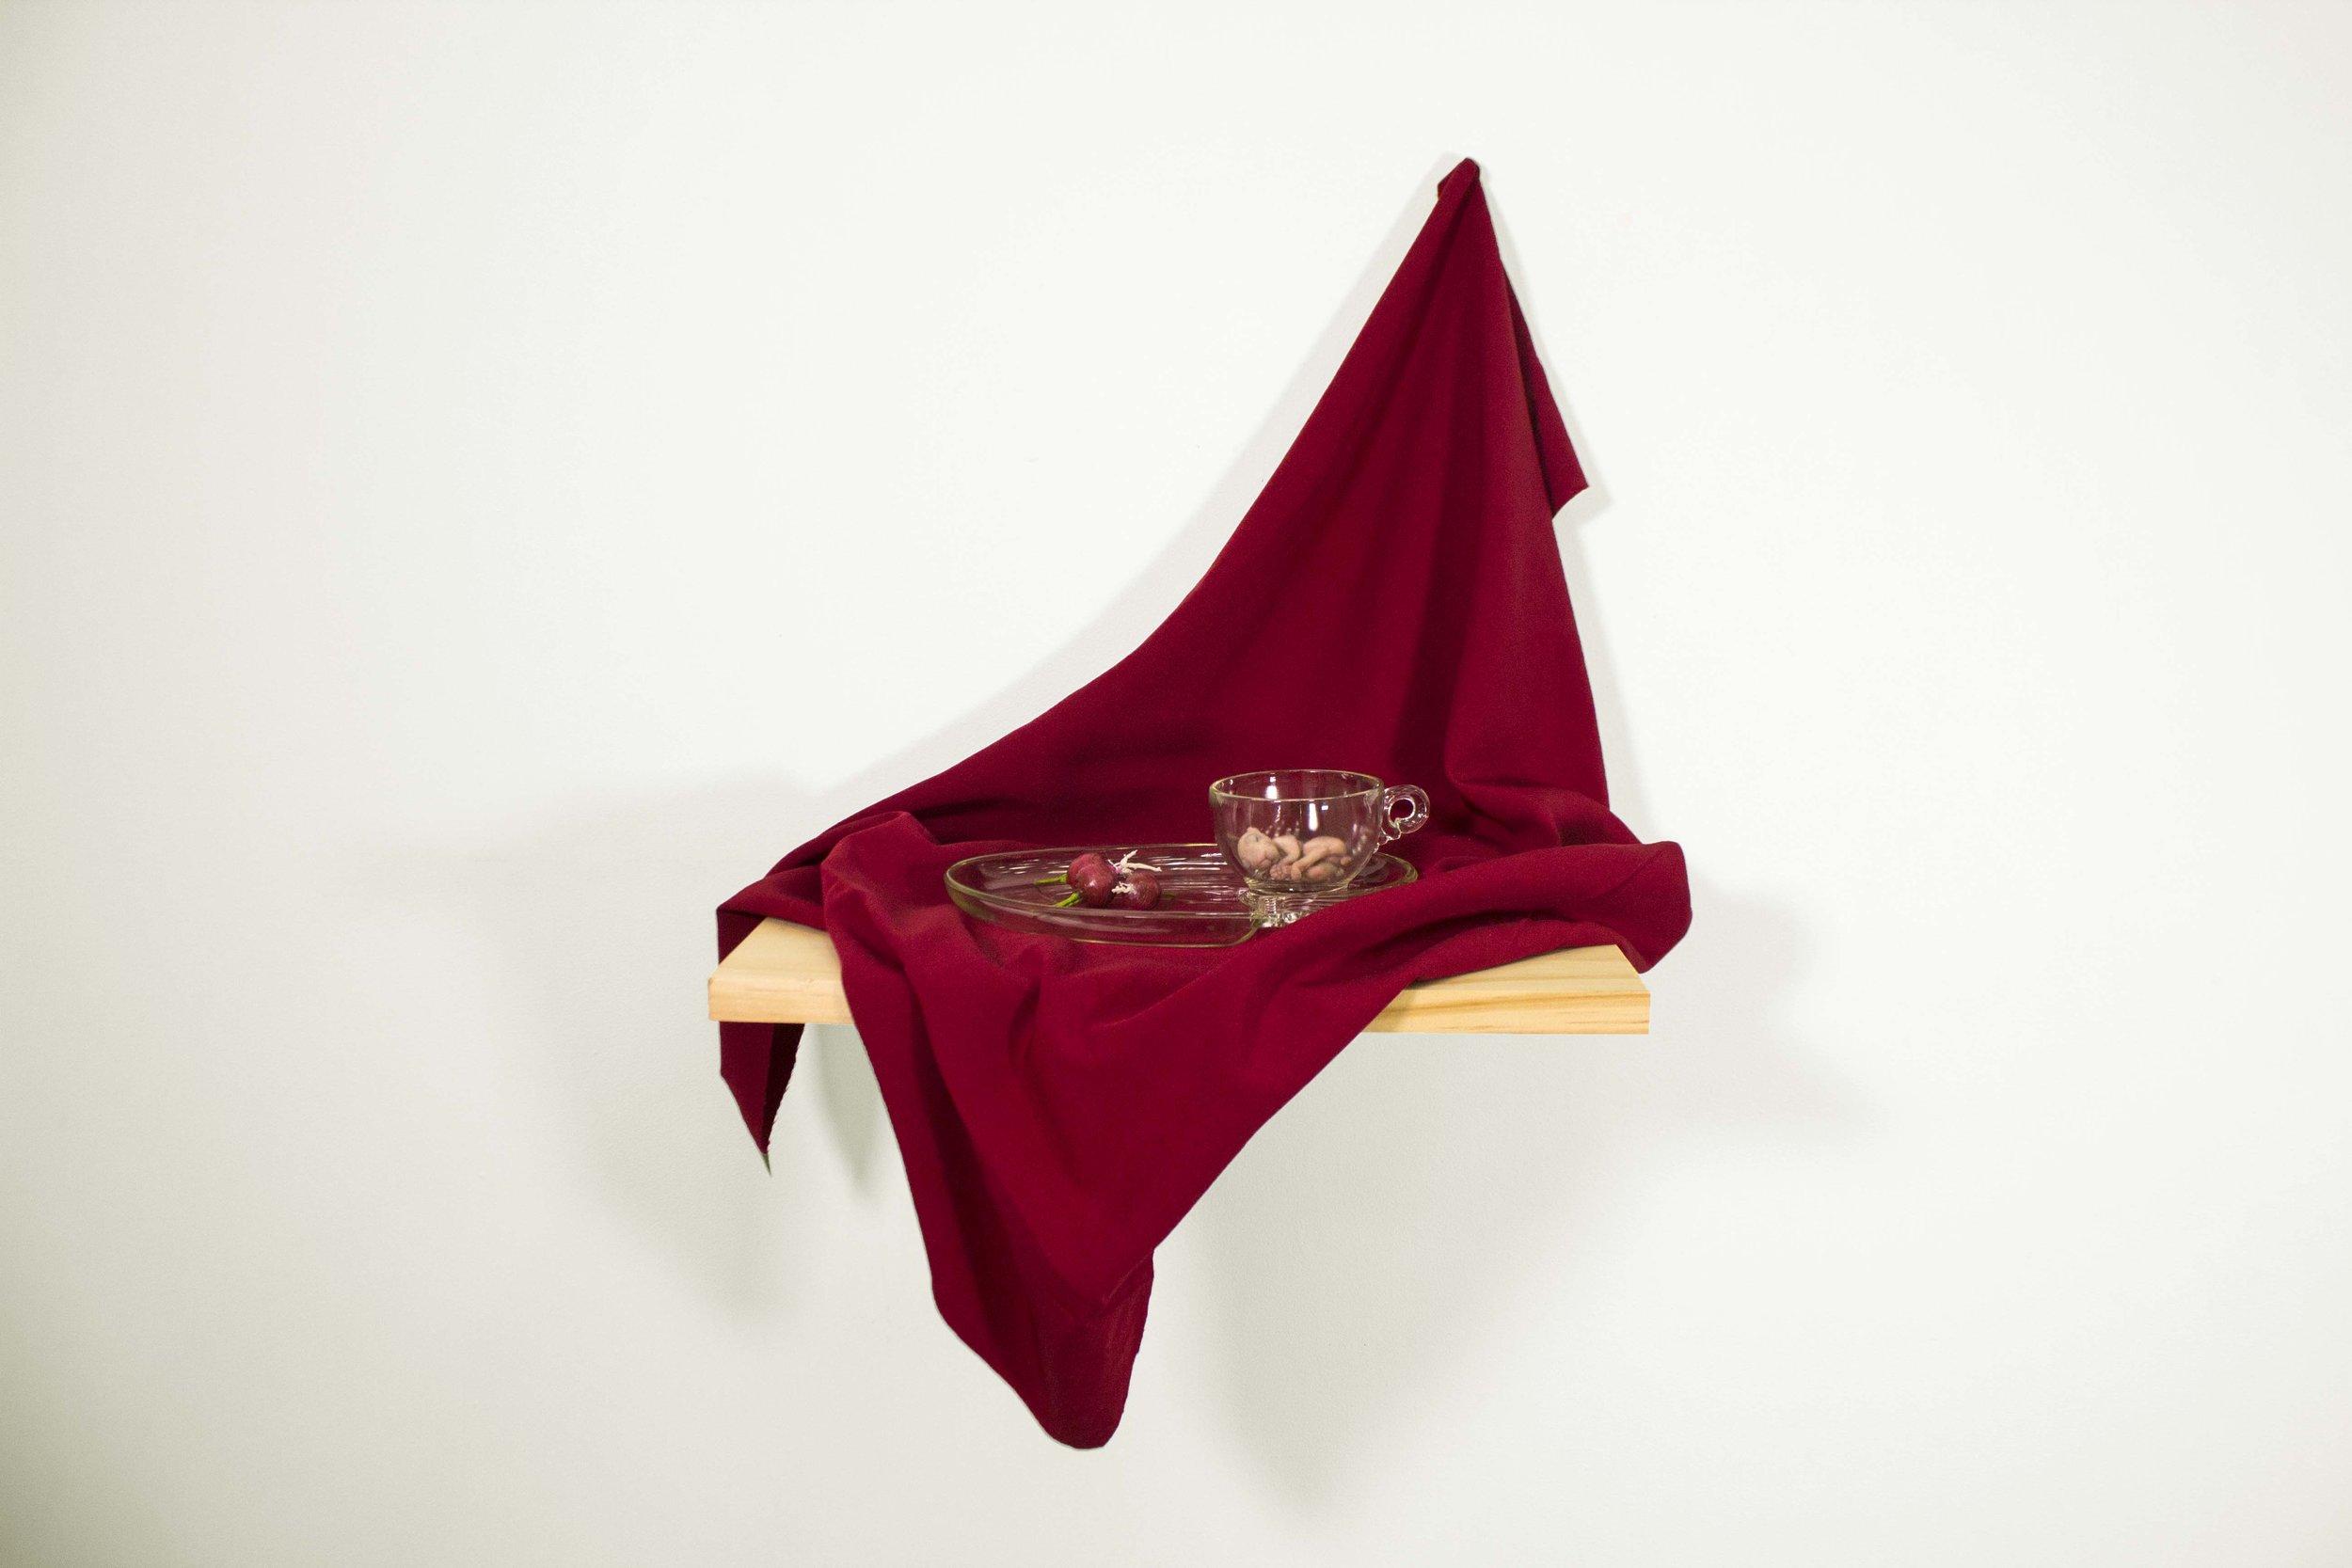 Meagan-Hindel-Plate.jpg